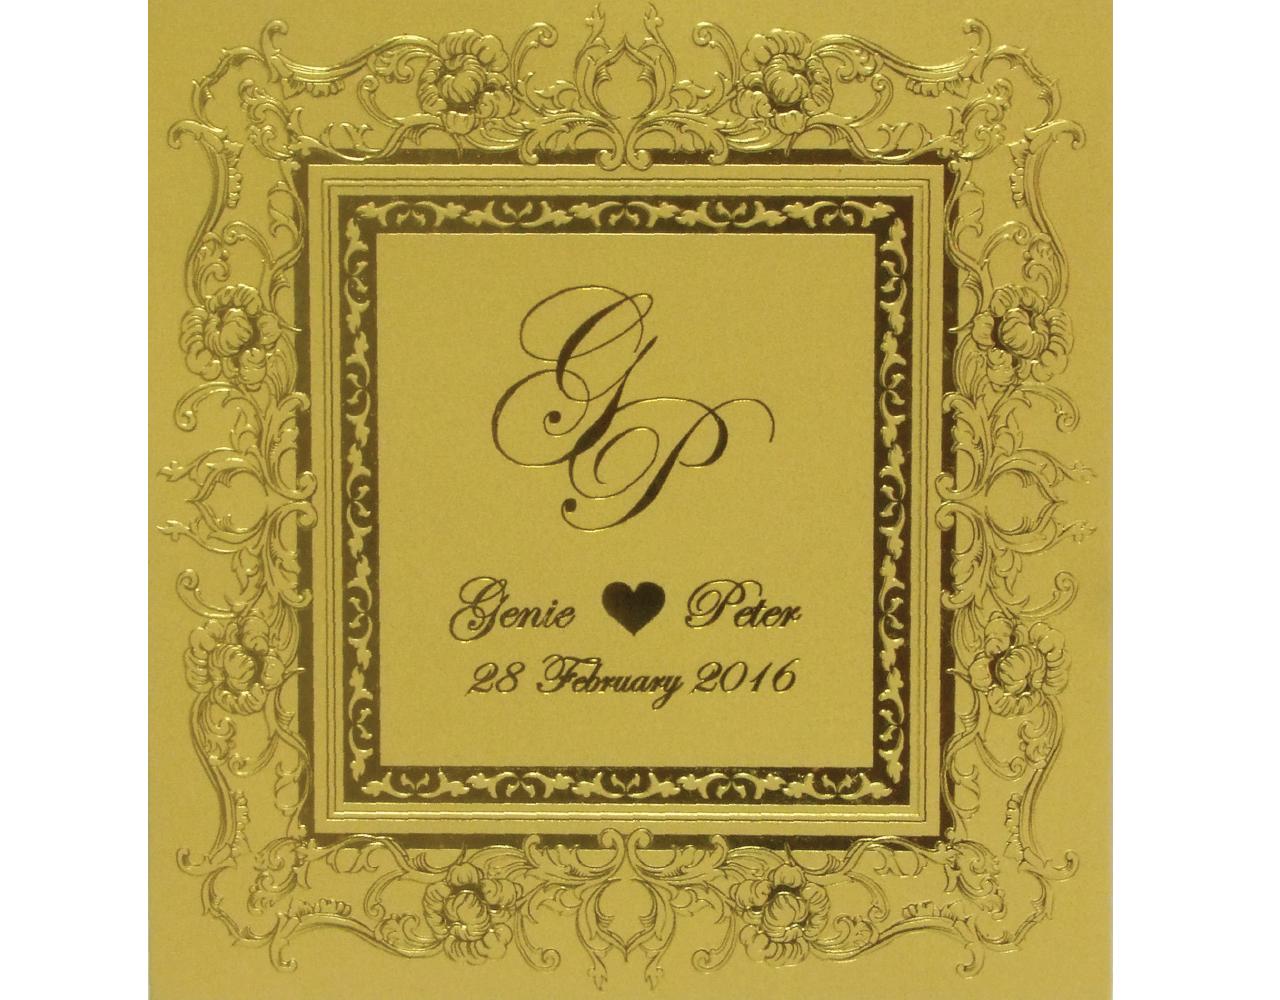 การ์ดแต่งงาน การ์ดเชิญสีทอง สีทอง ลวดลวยหรูหรา ปั๊มนูน พิมพ์ฟอยล์ทองเค พร้อมกระดาษไส้ใน wedding card 17 x 17.5 cm SP 1607 Gold ฿ 9.50